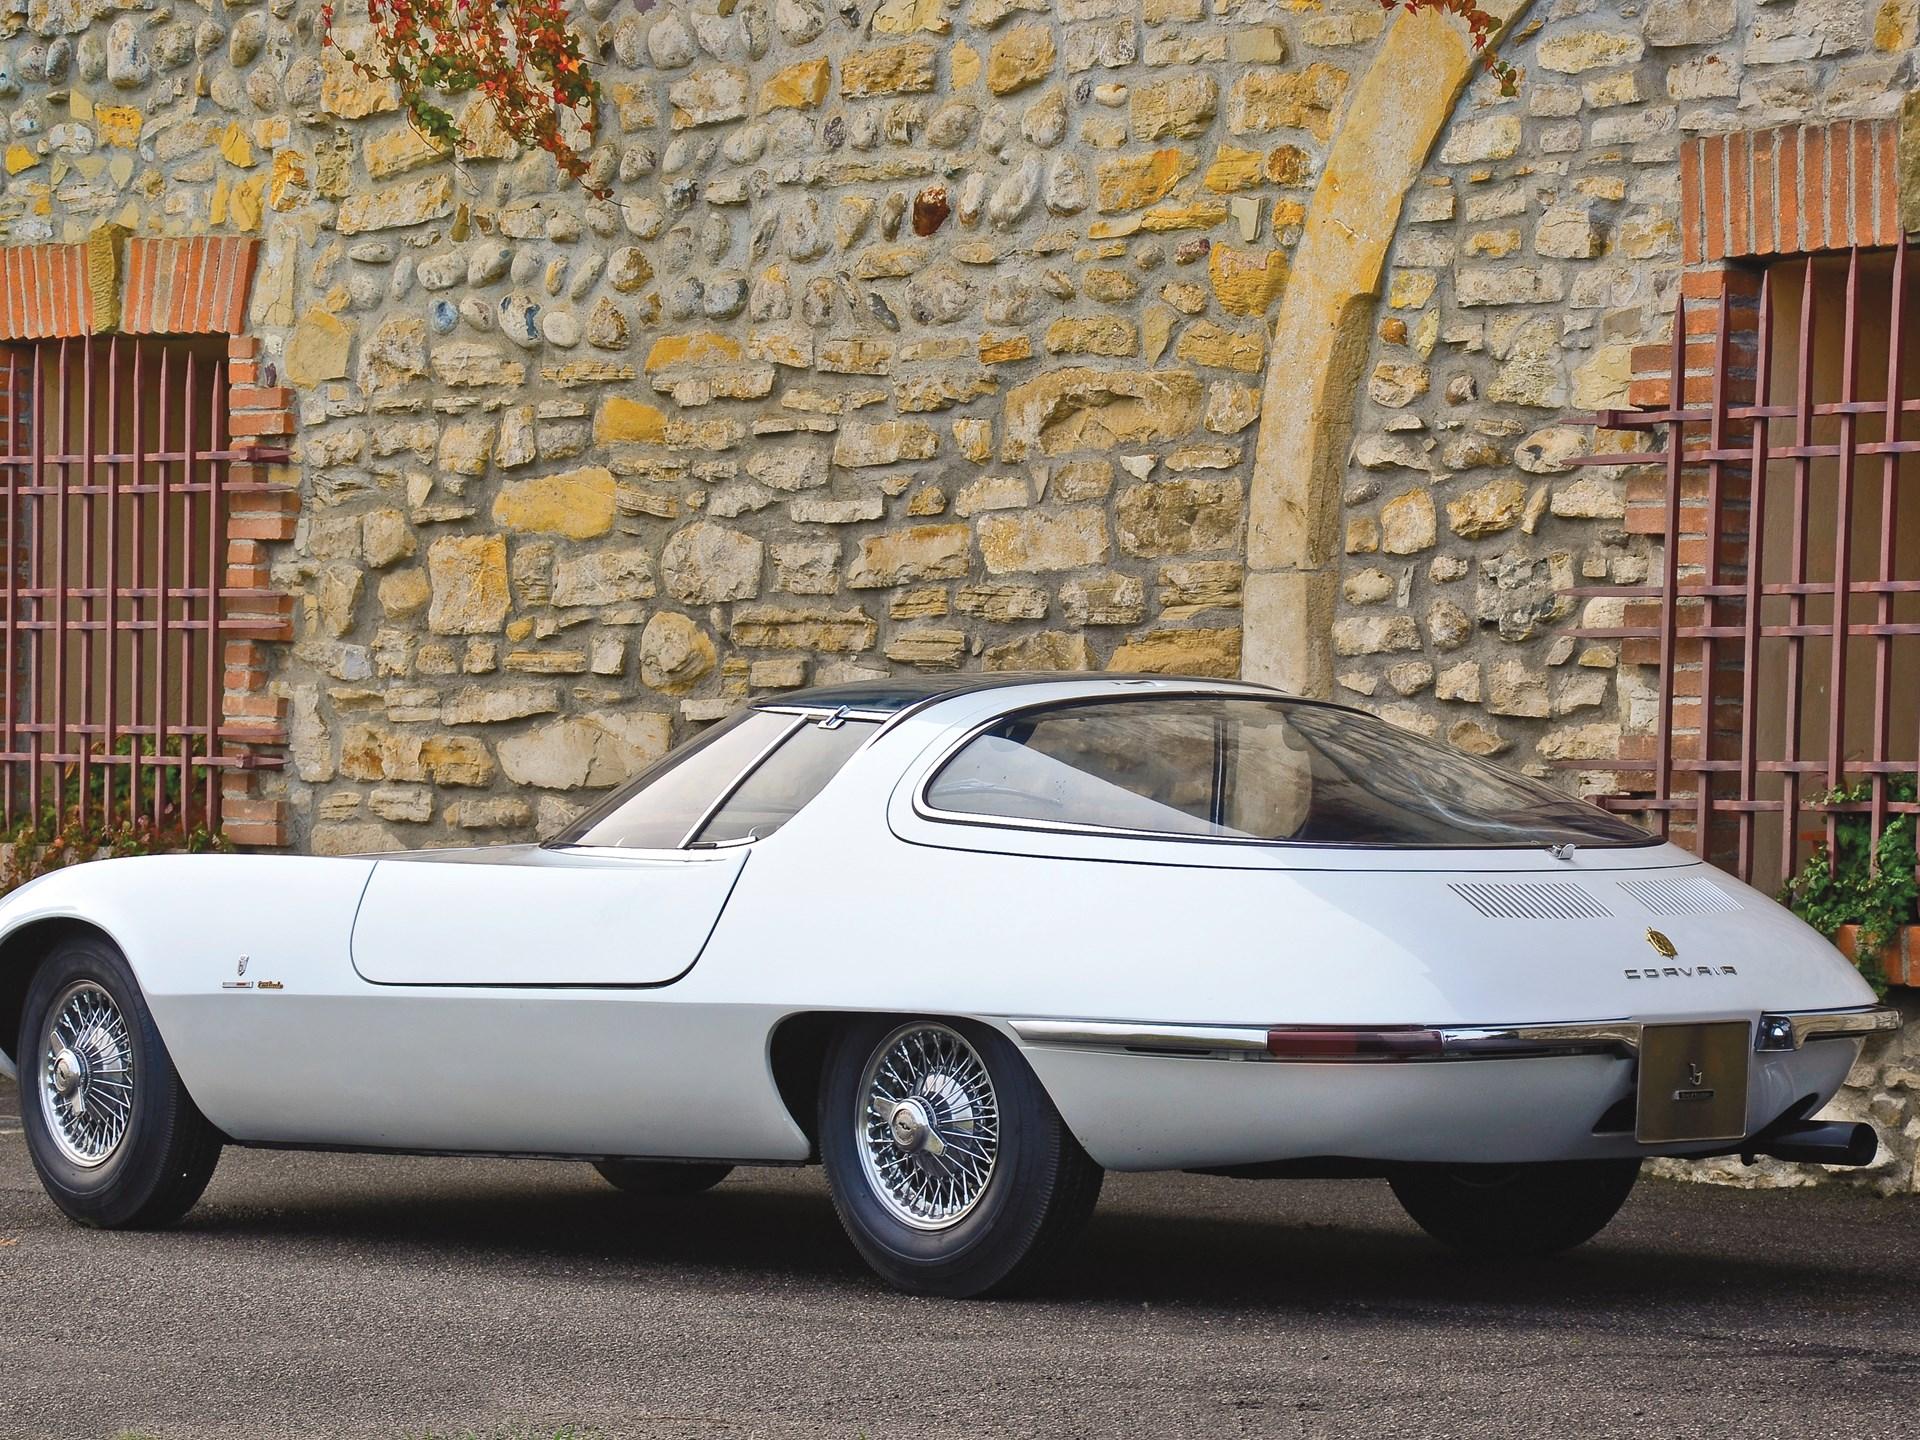 1963 Chevrolet Corvair Testudo concept rear 3/4